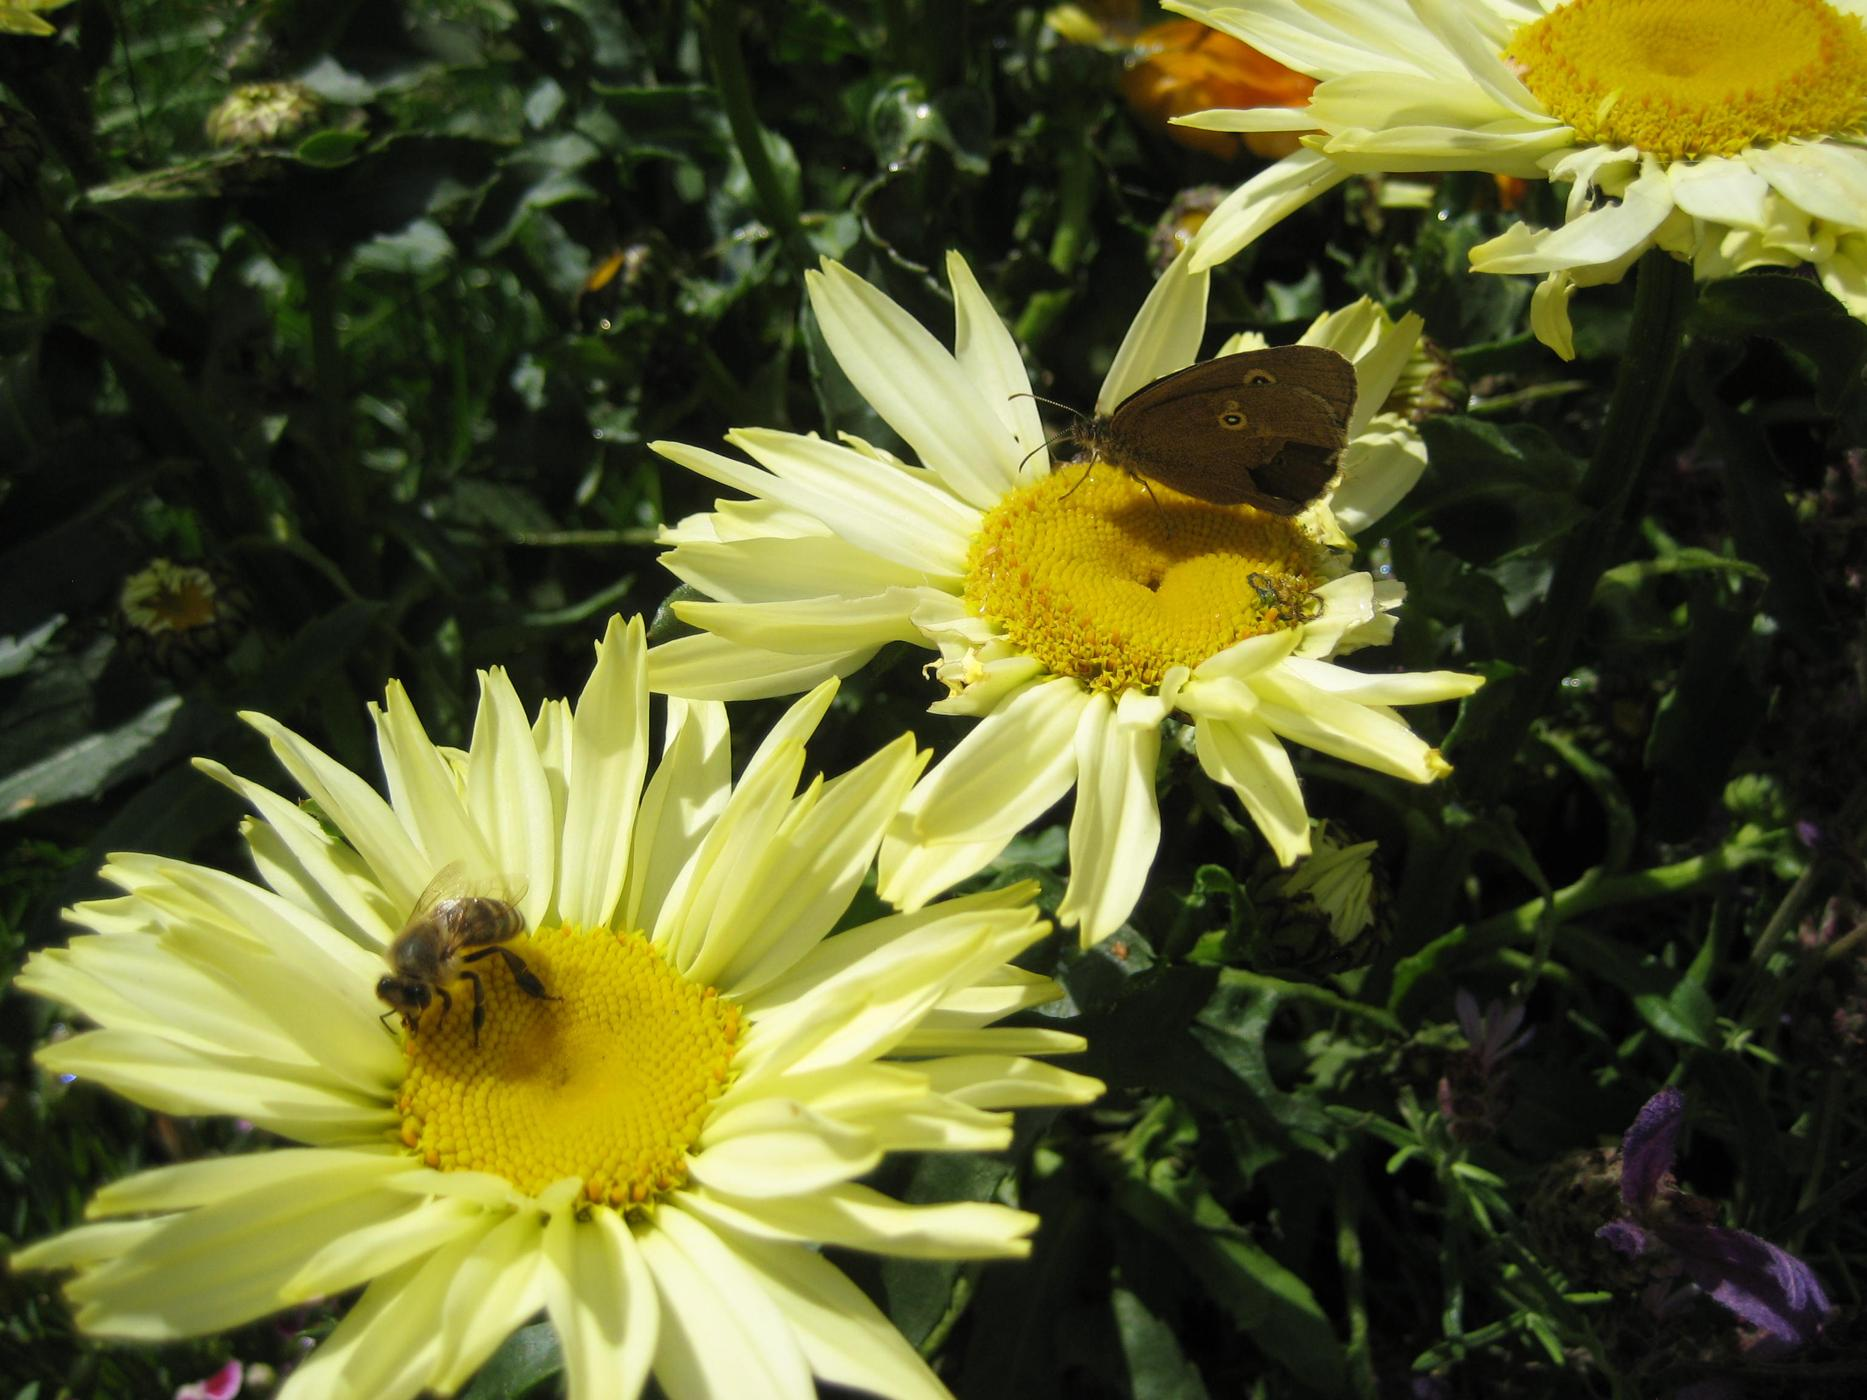 gelbe Chrysantheme mit Honigbiene und Falter (Chrysanthemum)